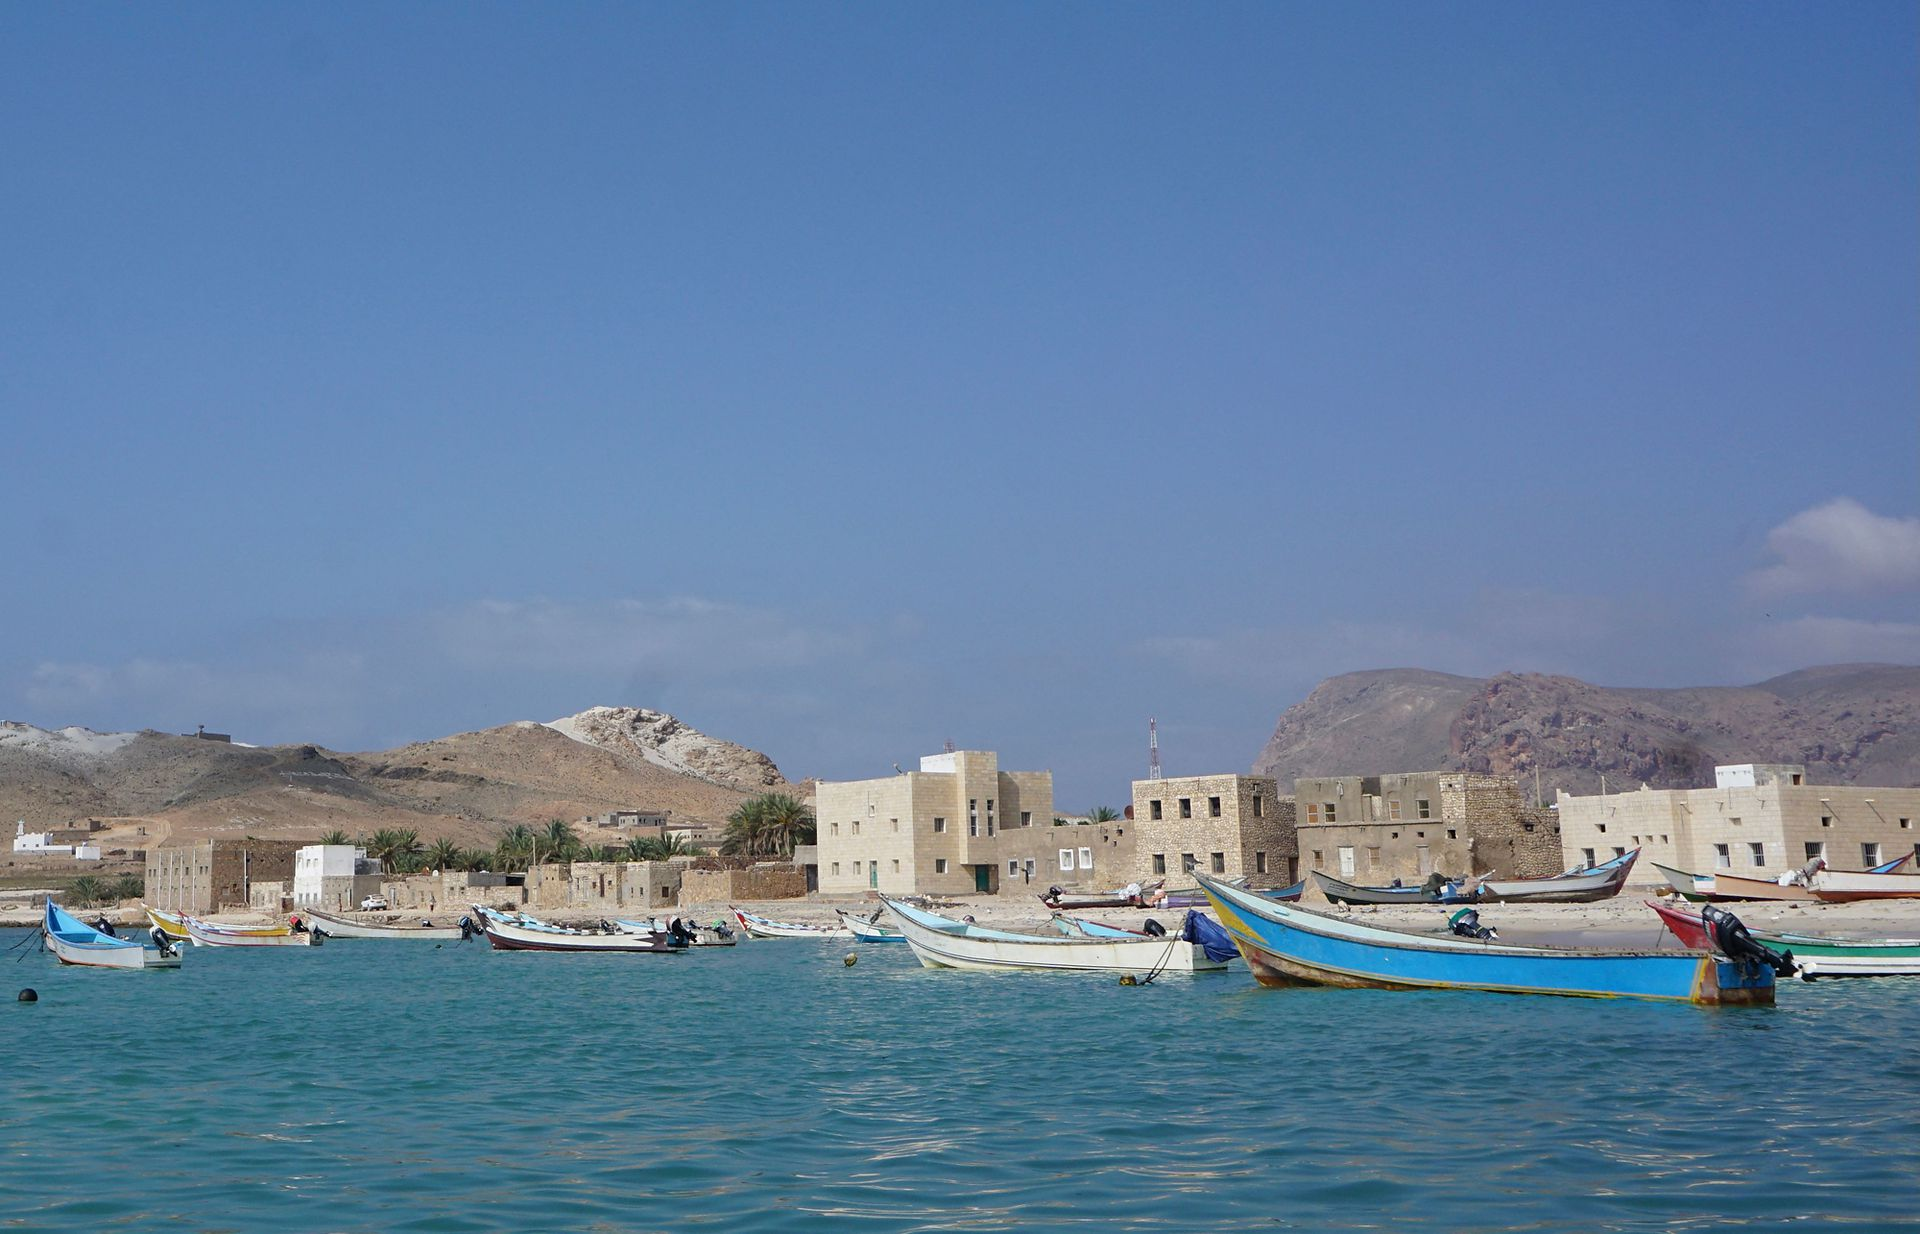 Botes pesqueros en Qalansiyah, al oeste de la isla yemení de Socotra, el segundo asentamiento más grande del archipiélago del Océano Índico, que ha sido nombrado por la ONU como Patrimonio de la Humanidad como una de las islas más ricas y distintas en biodiversidad del mund